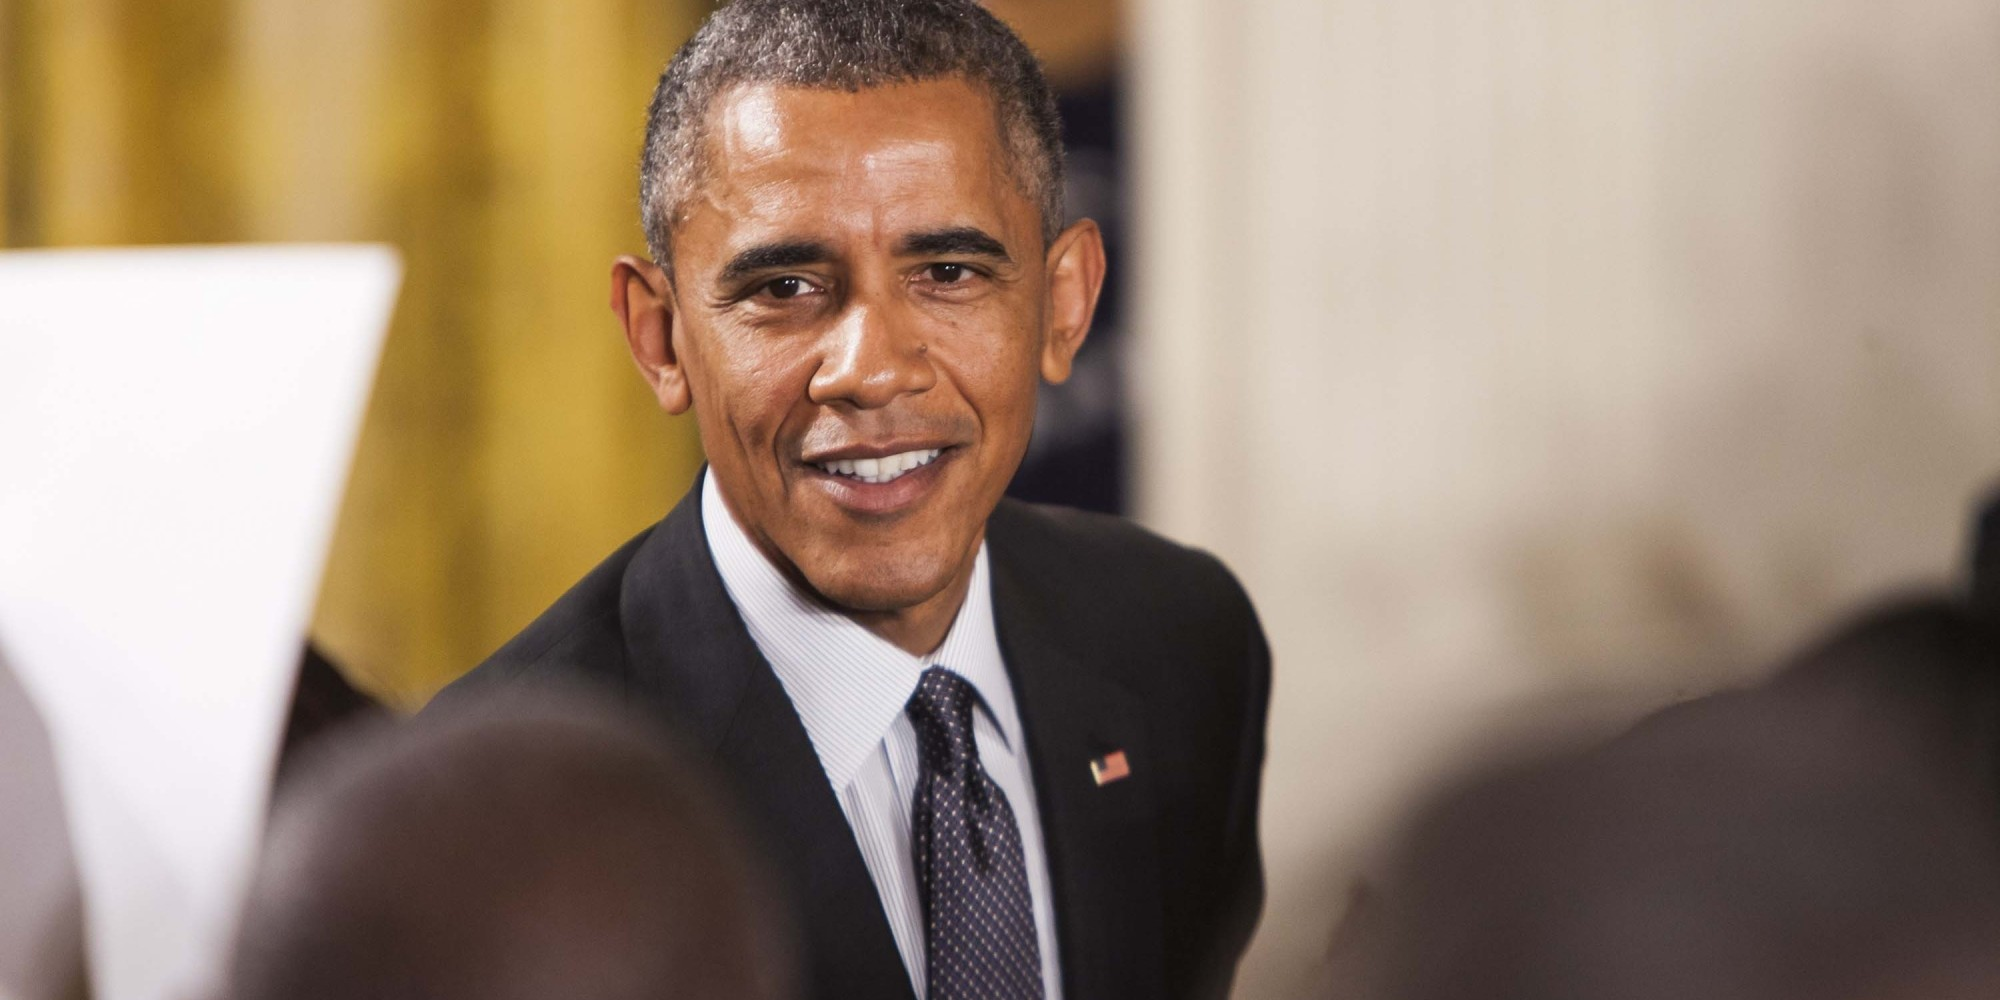 اوباما فرمان اجرای لغو تحریمهای ایران را صادر کرد